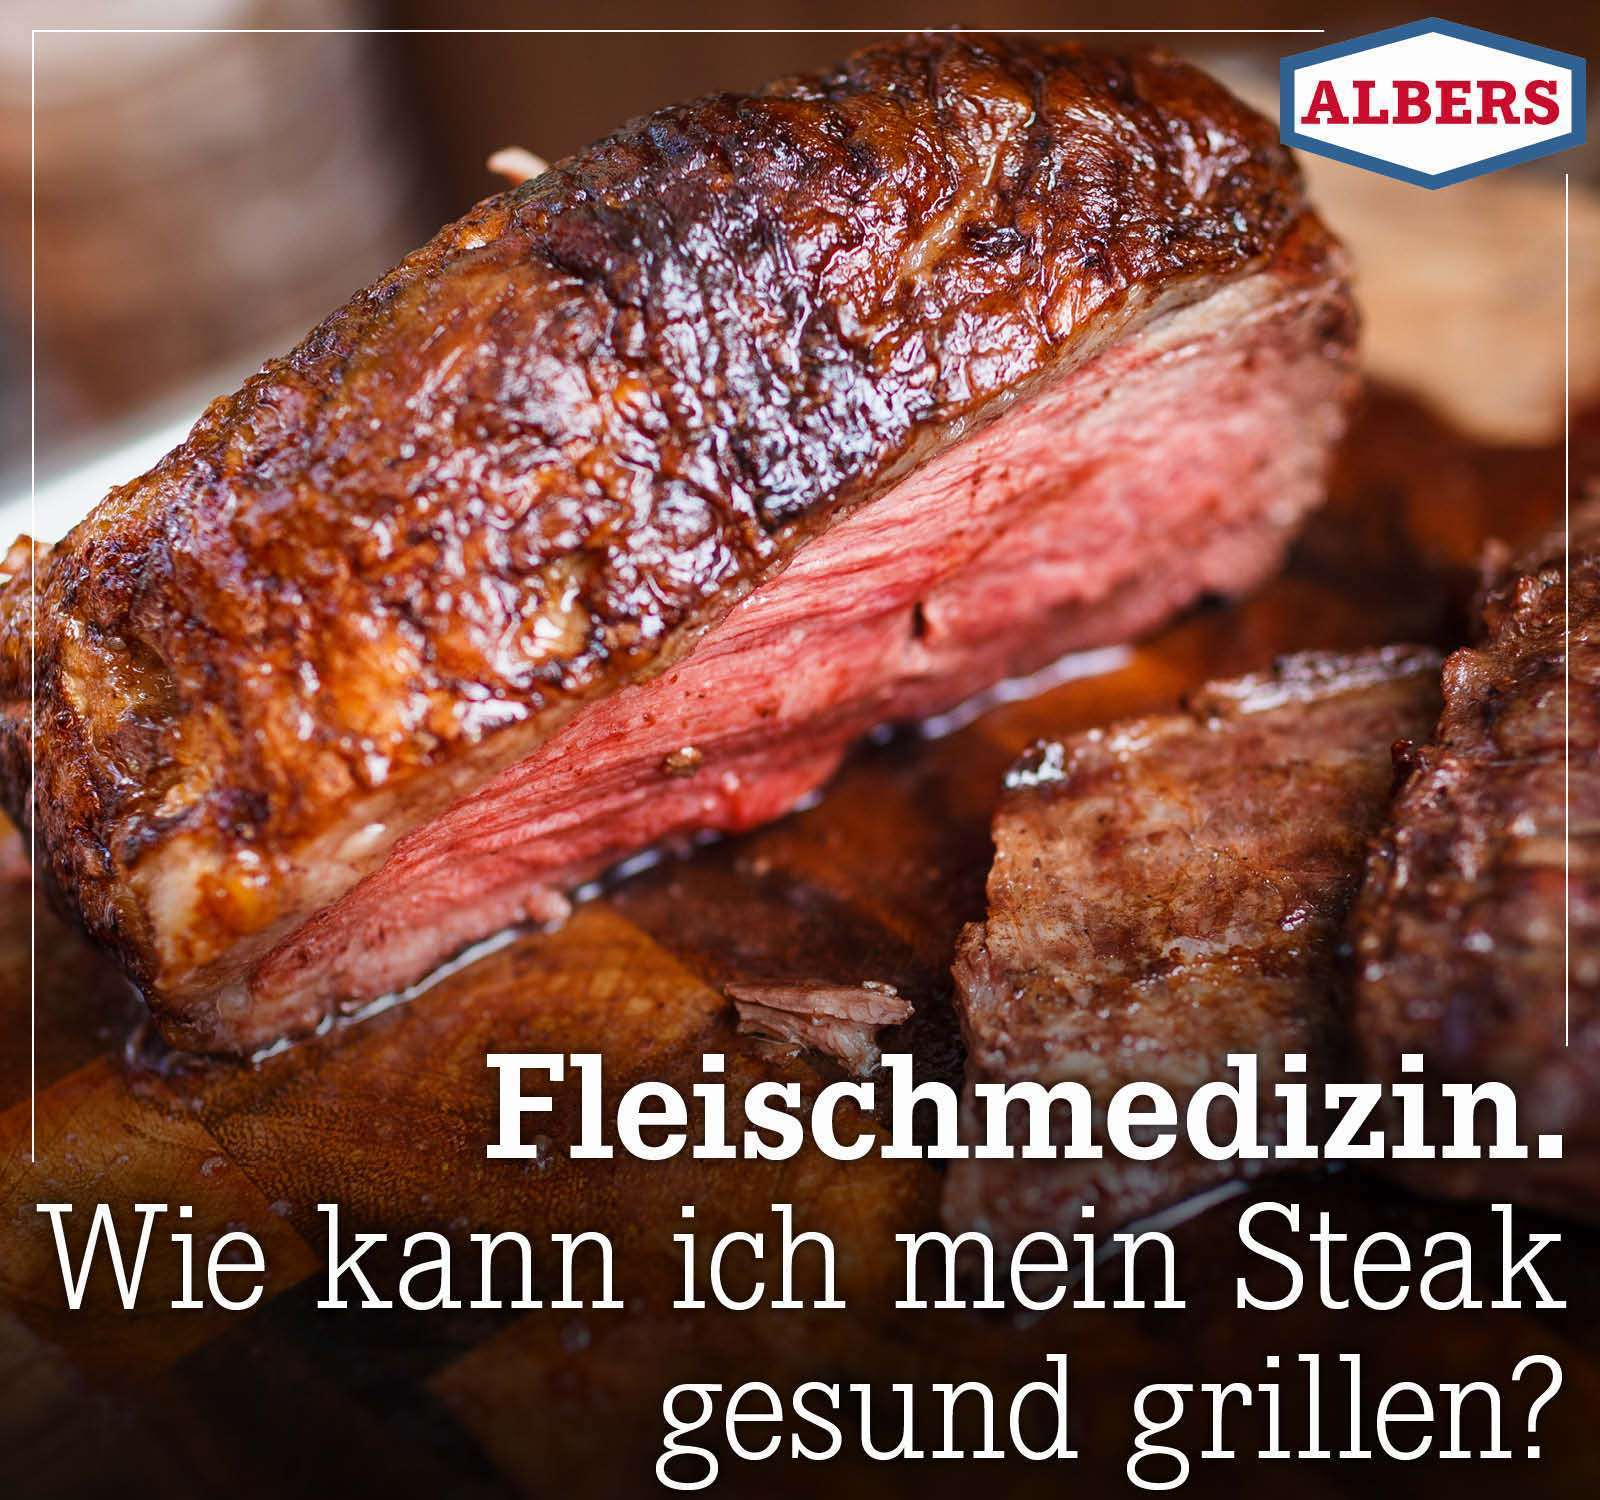 Fleischmedizin. Wie kann ich mein Steak gesund grillen?